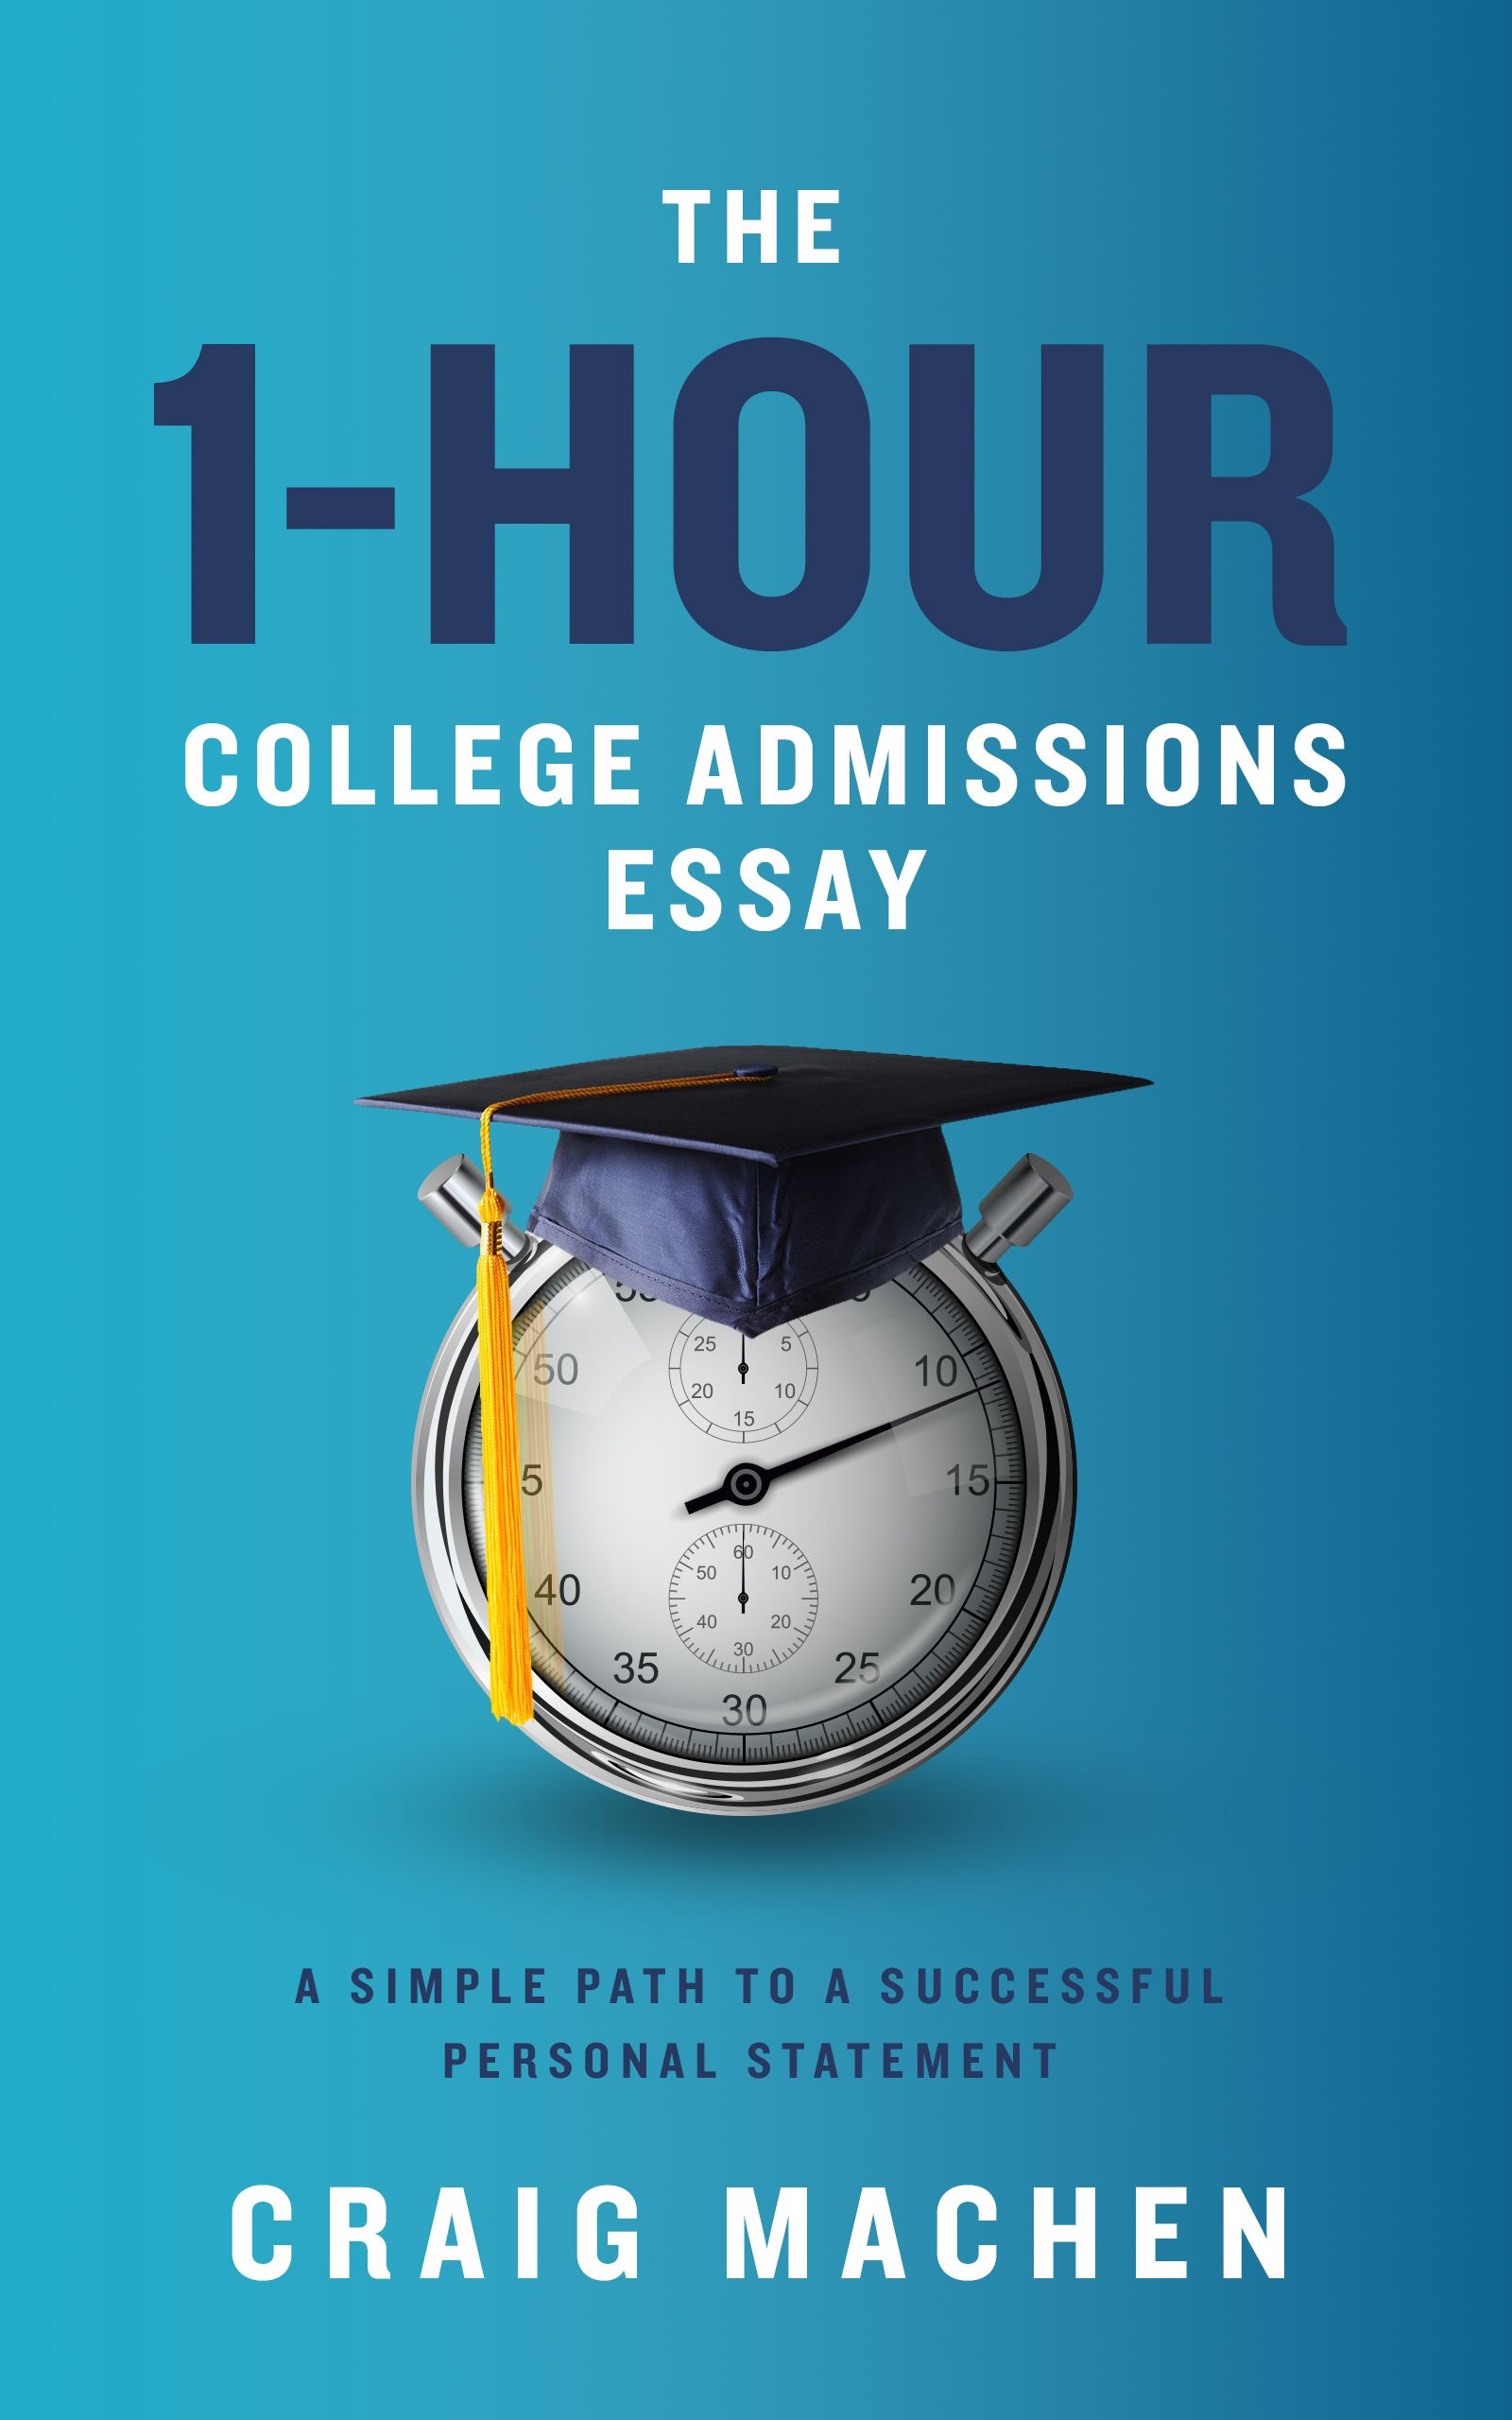 One hour essay